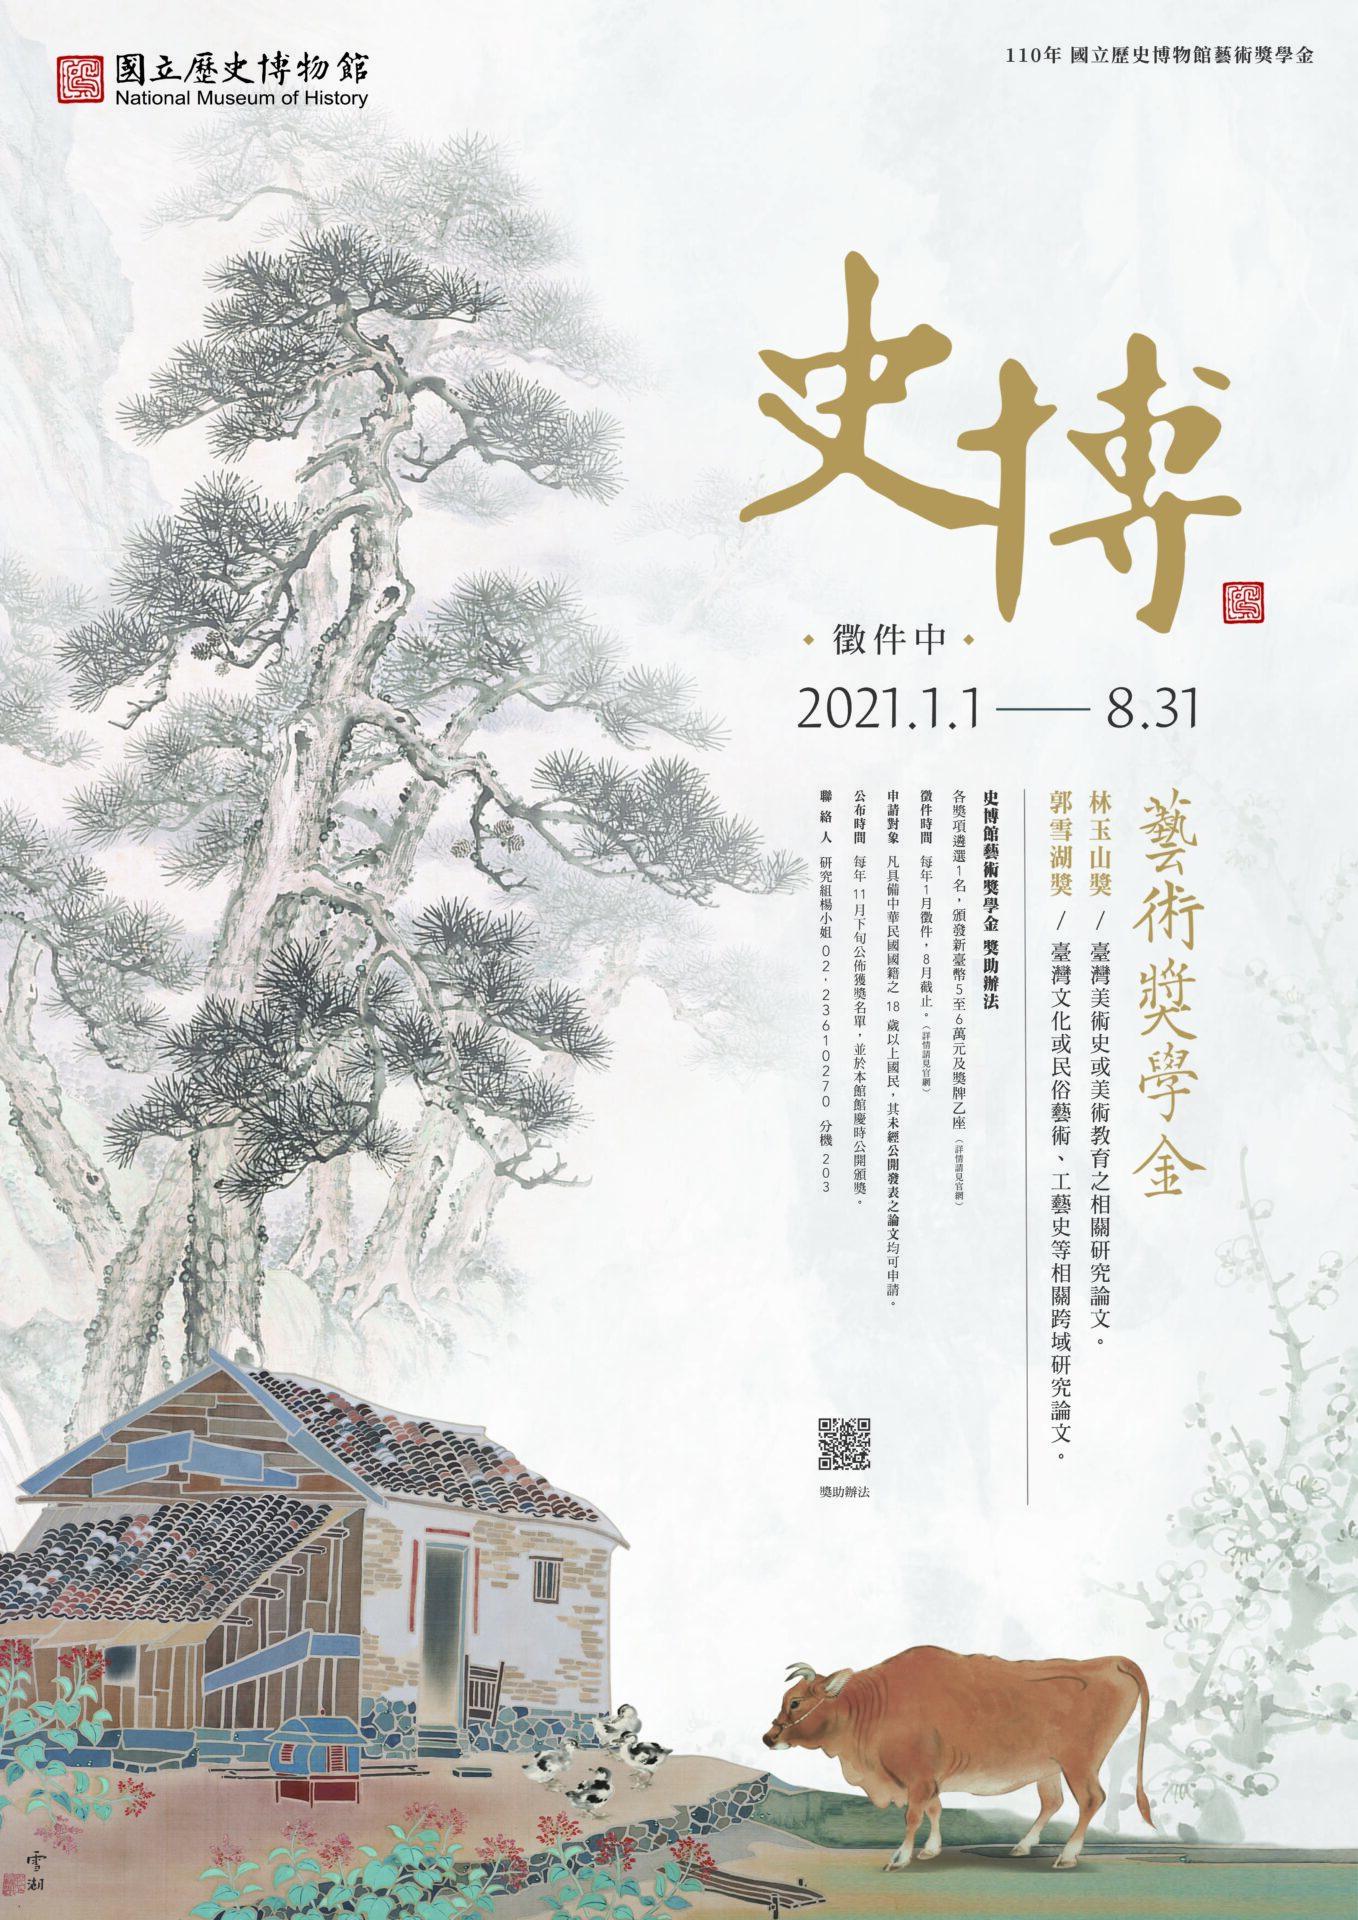 國立歷史博物館:1/1-8/31【110年史博藝術獎學金徵件中】